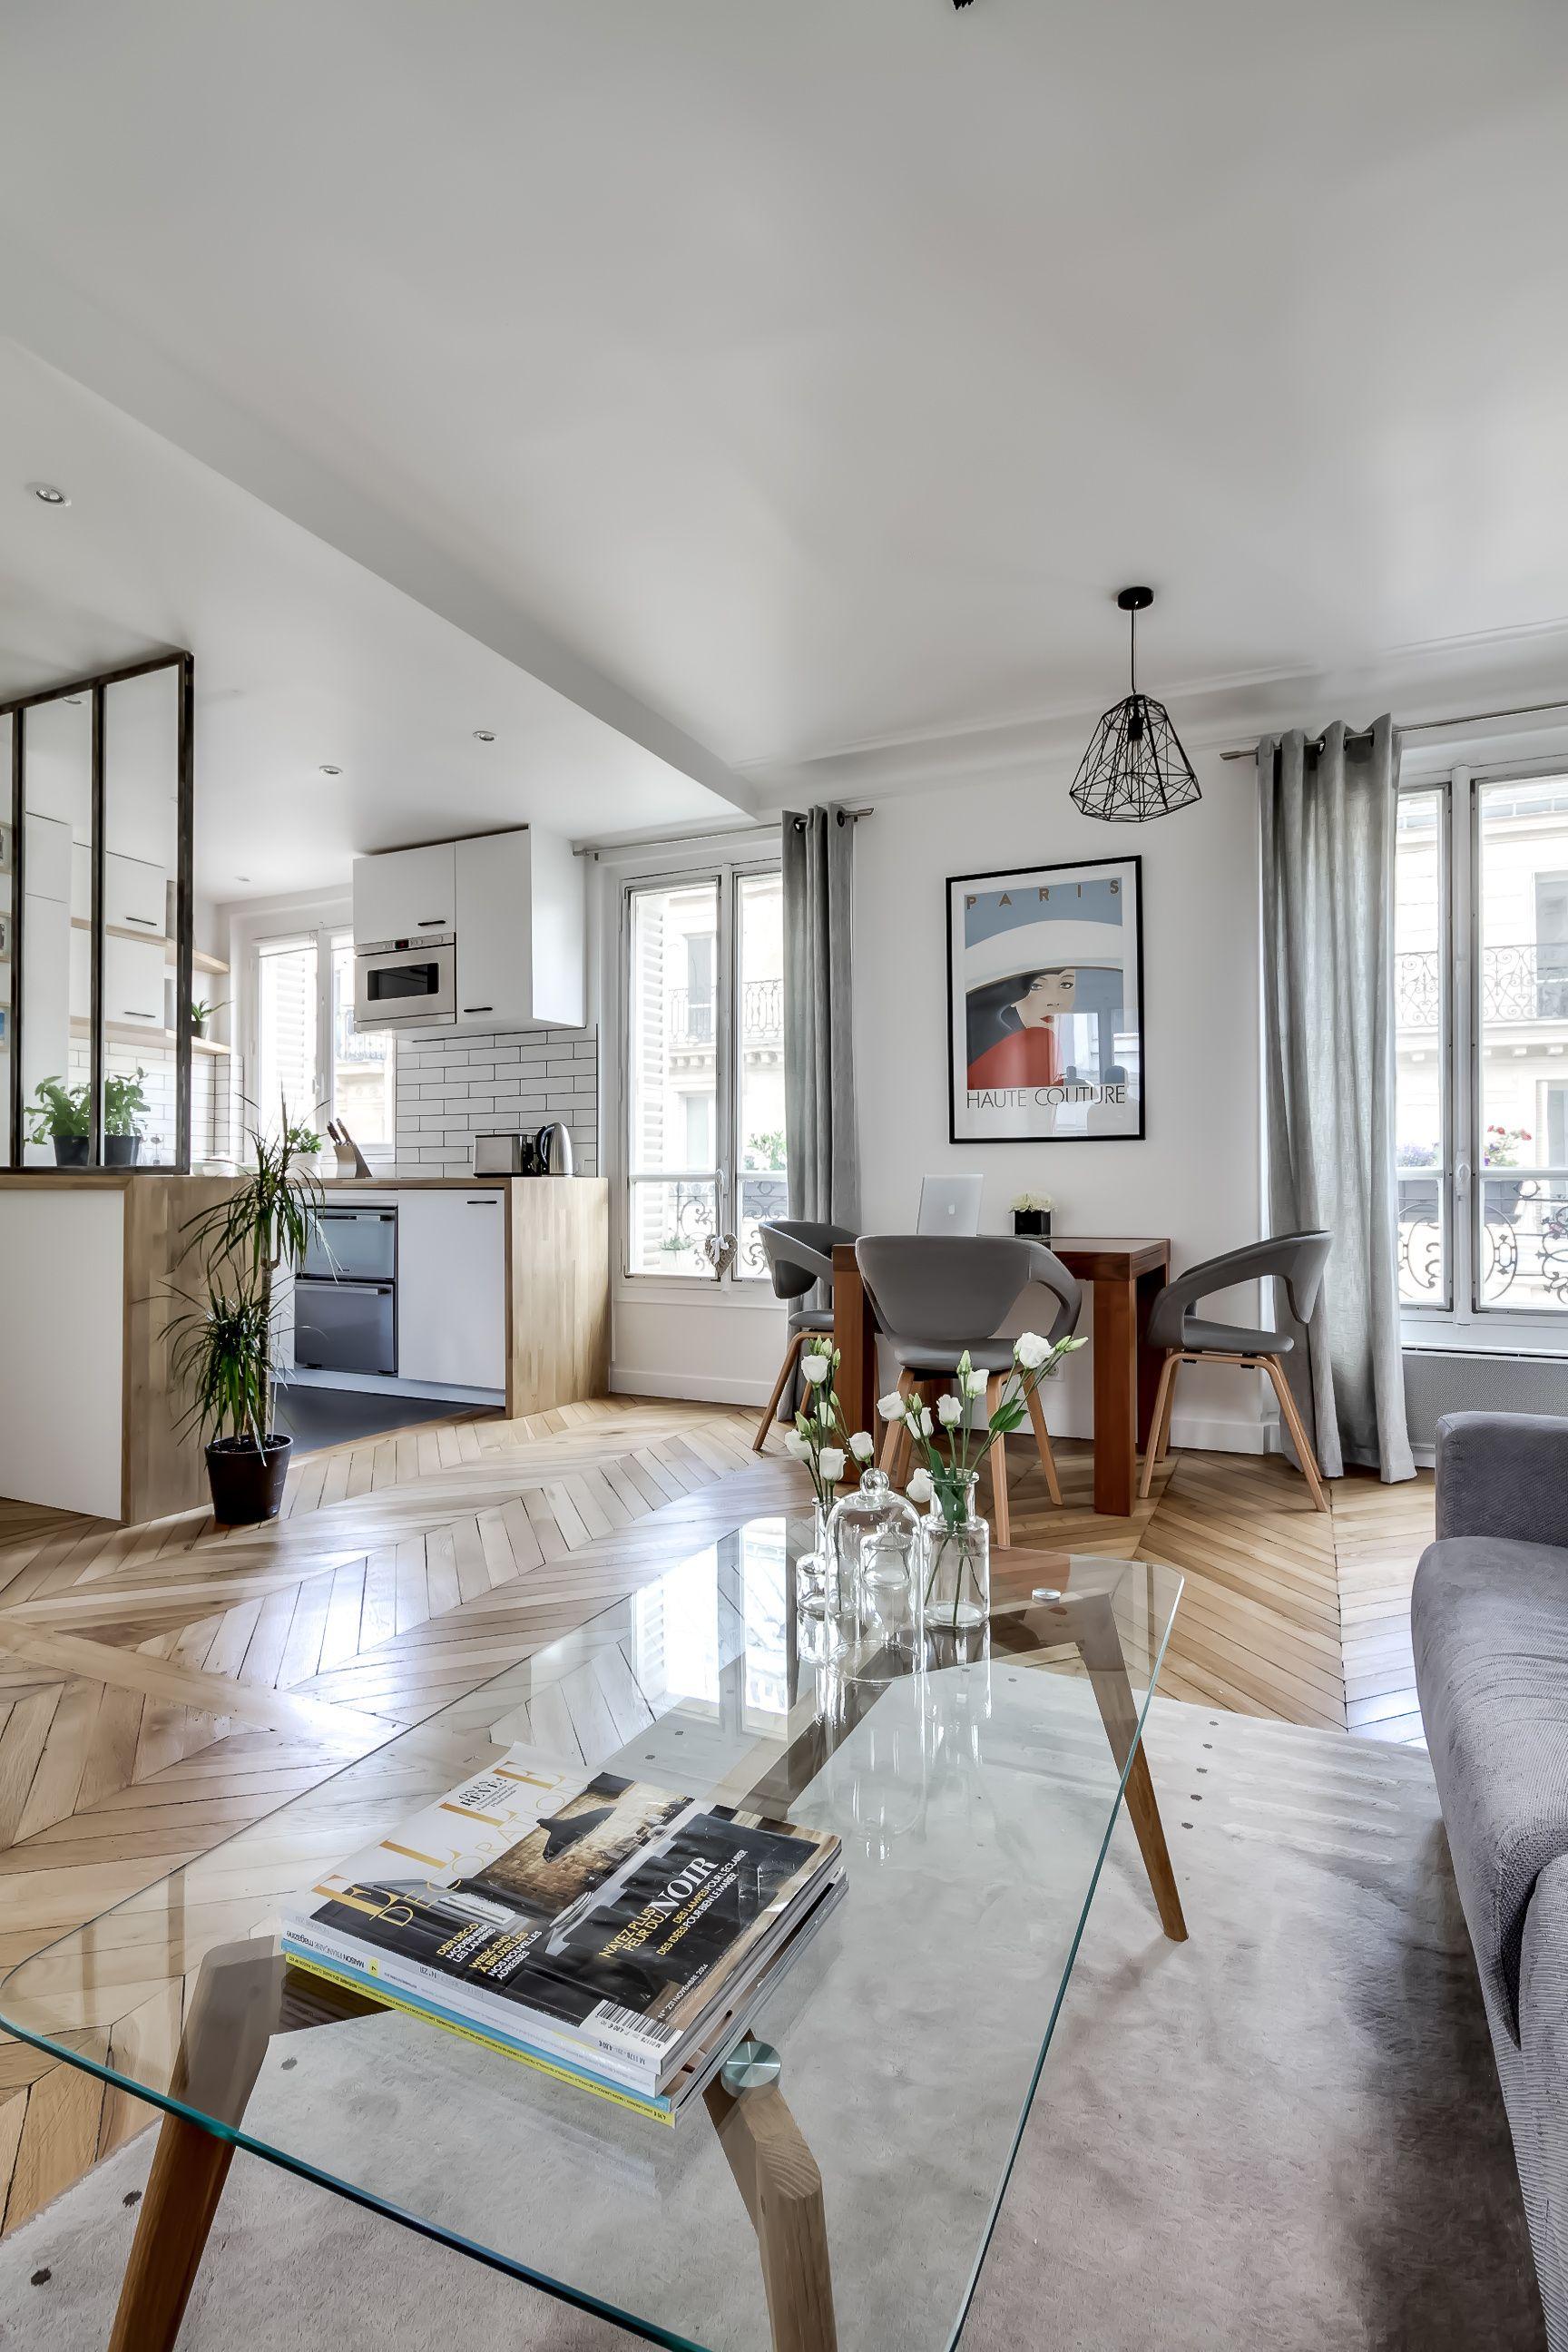 44+ Comment decorer un appartement en location inspirations